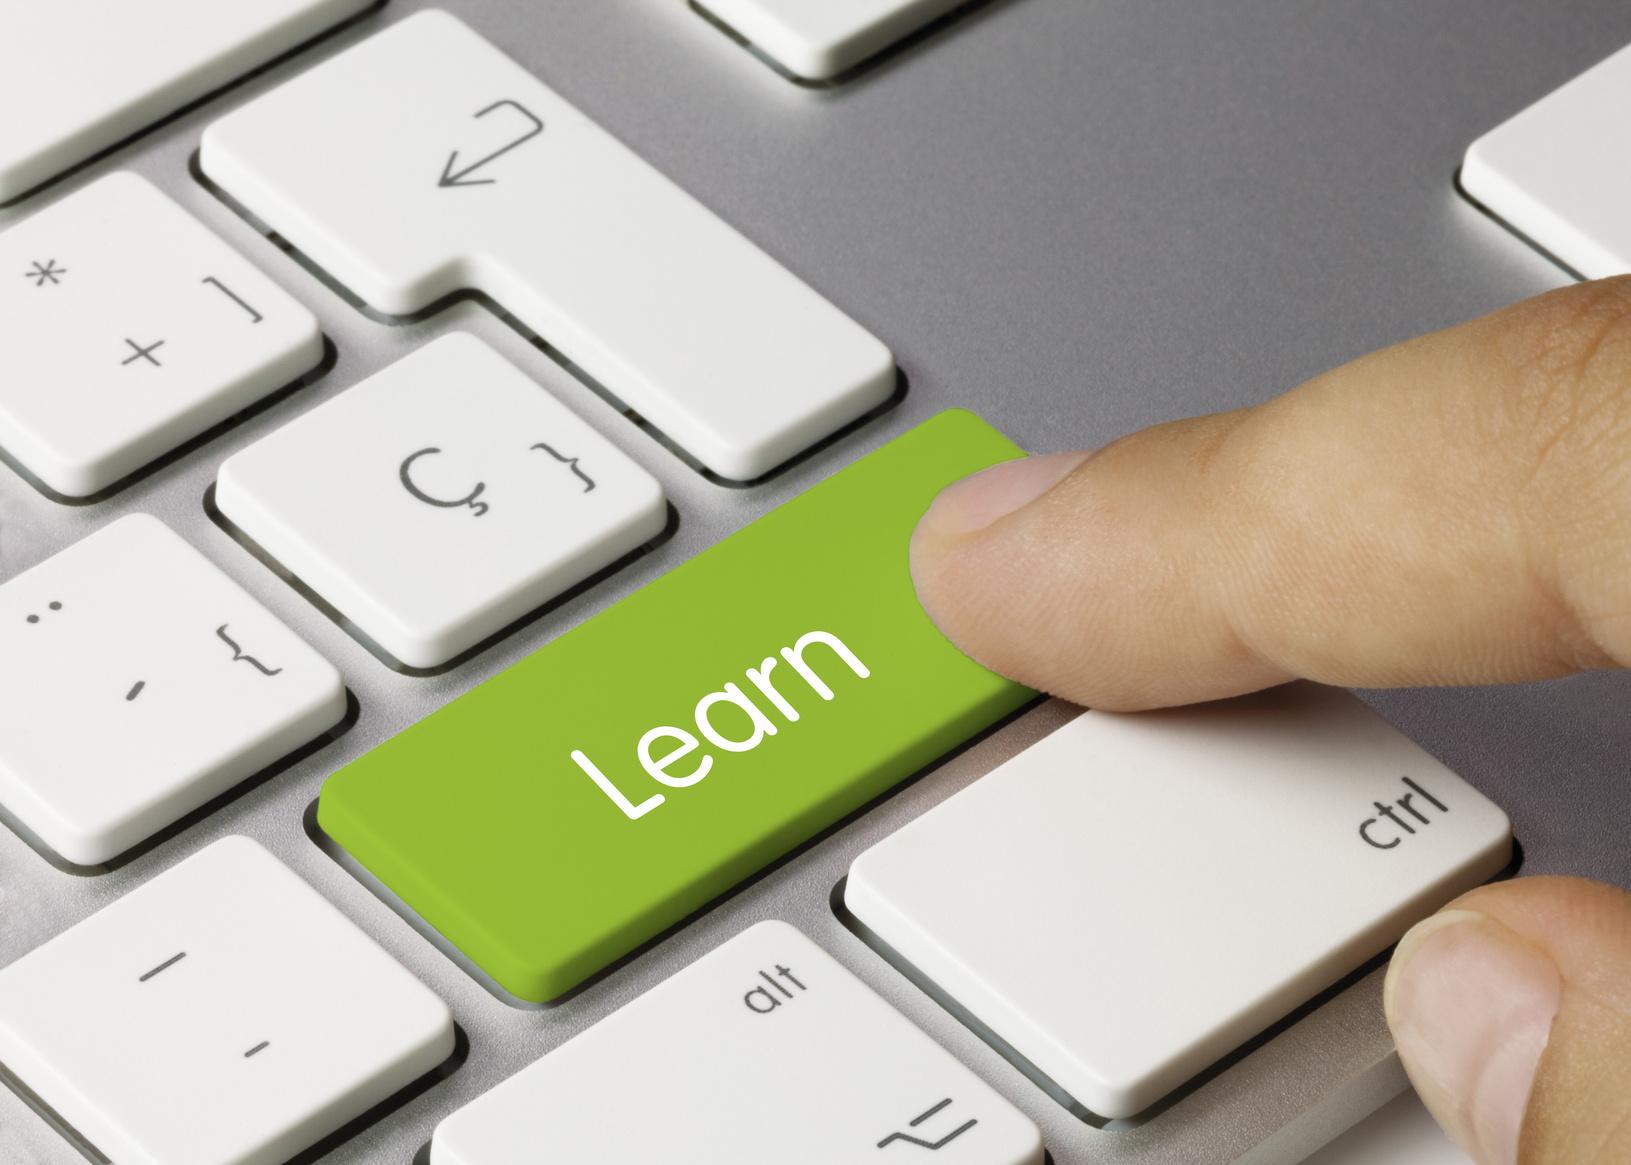 learn_keyboard_button